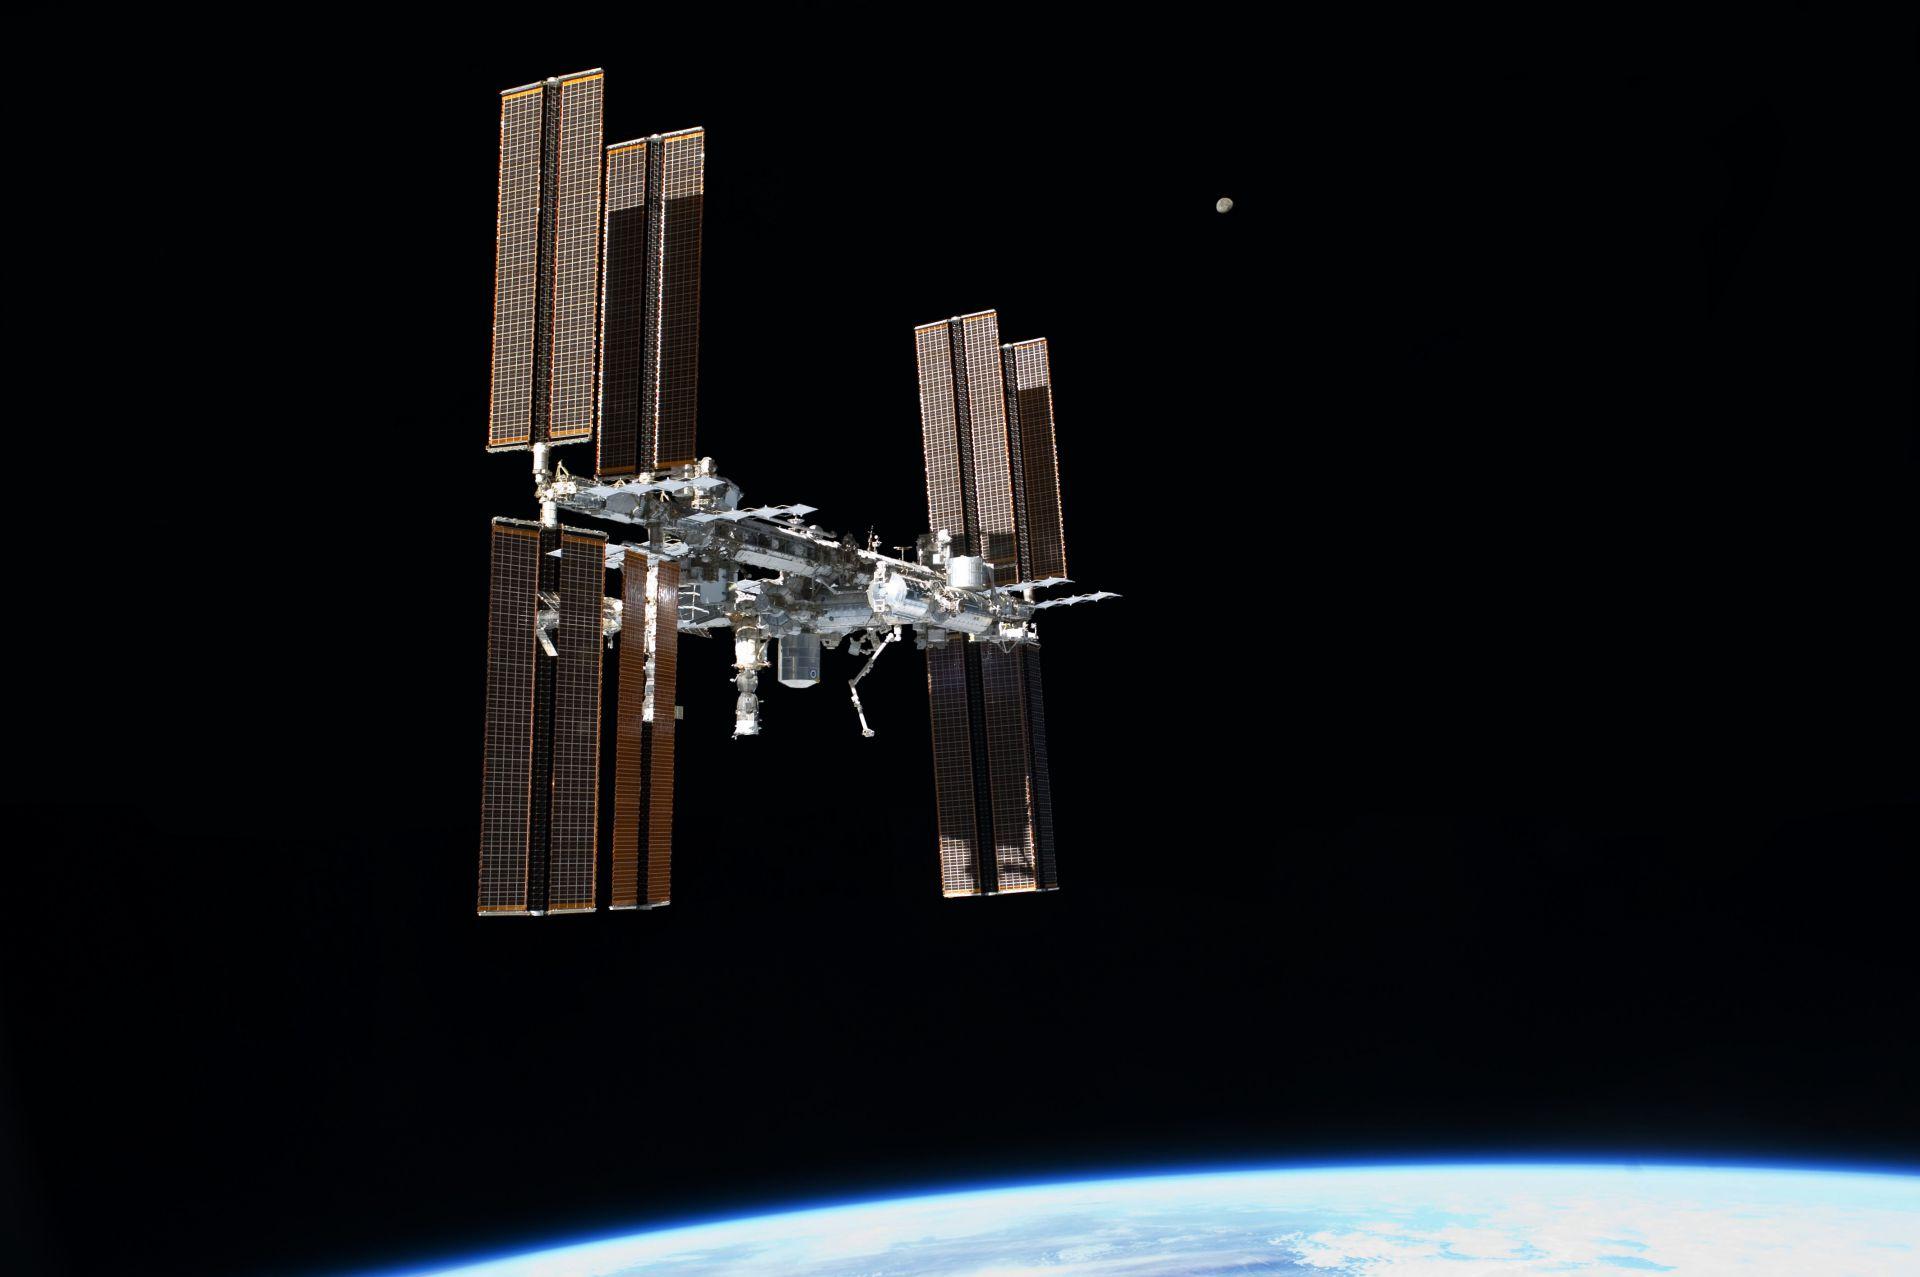 ¿Te perdiste el paso de la Estación Internacional Espacial? Esta madrugada tenés una nueva oportunidad